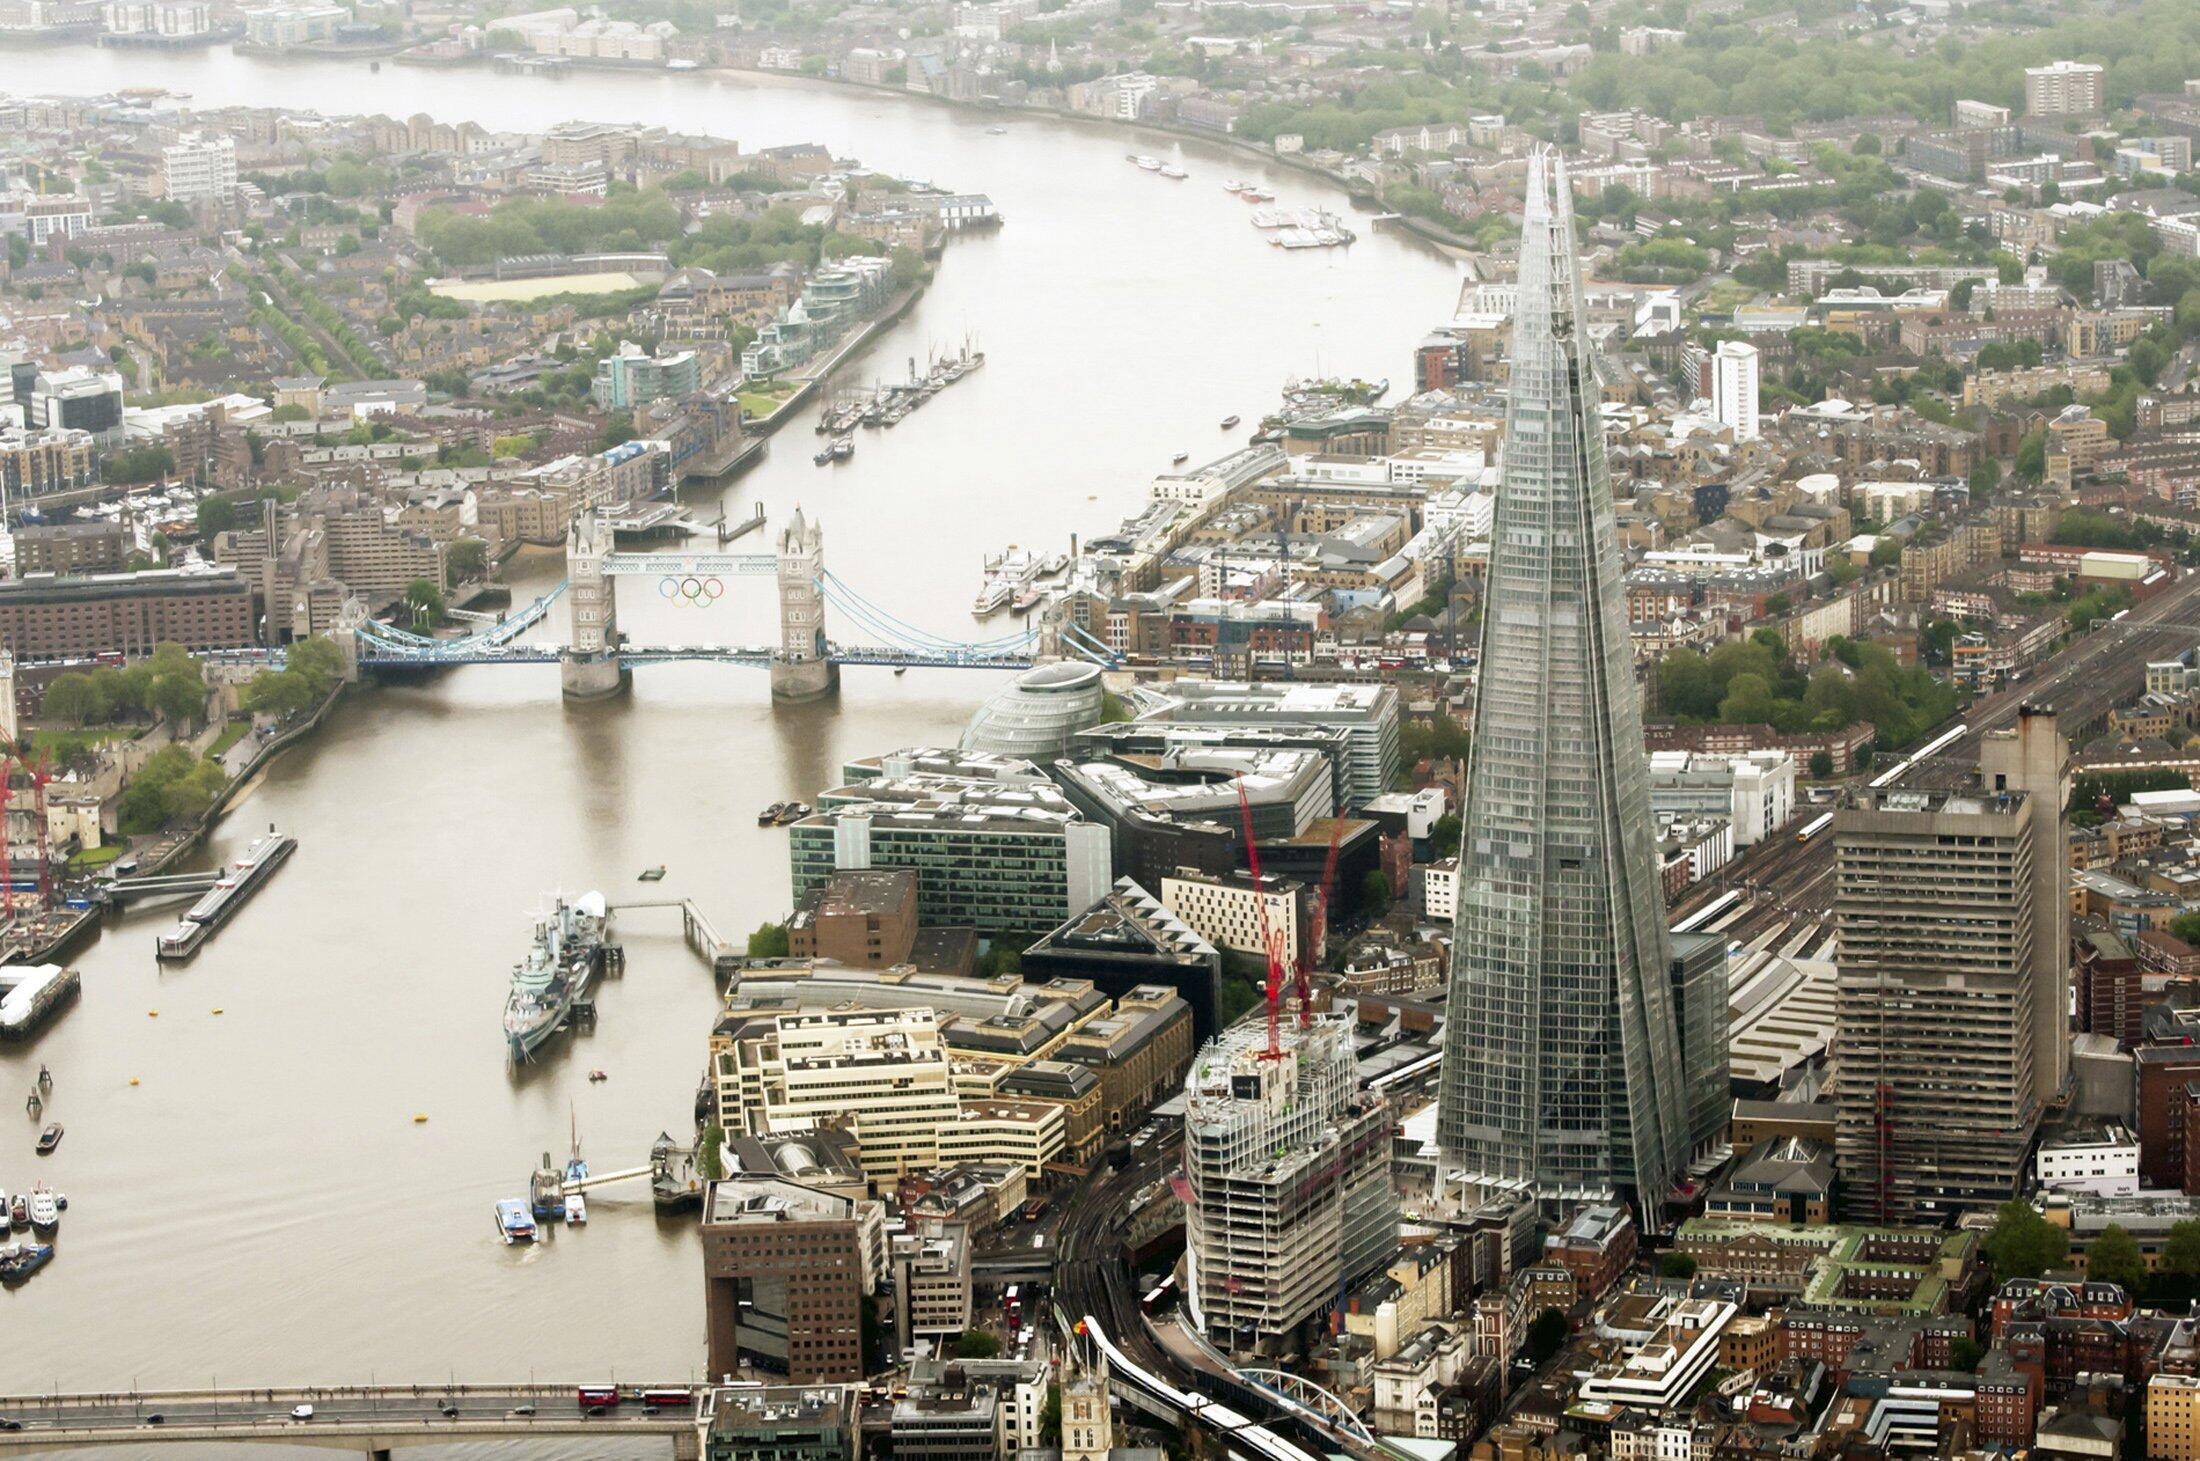 Tòa nhà chọc trời cao nhất Châu Âu - tên là Shard - nằm cạnh sông Thames, khúc chảy qua Luân Đôn, thủ đô Anh Quốc.